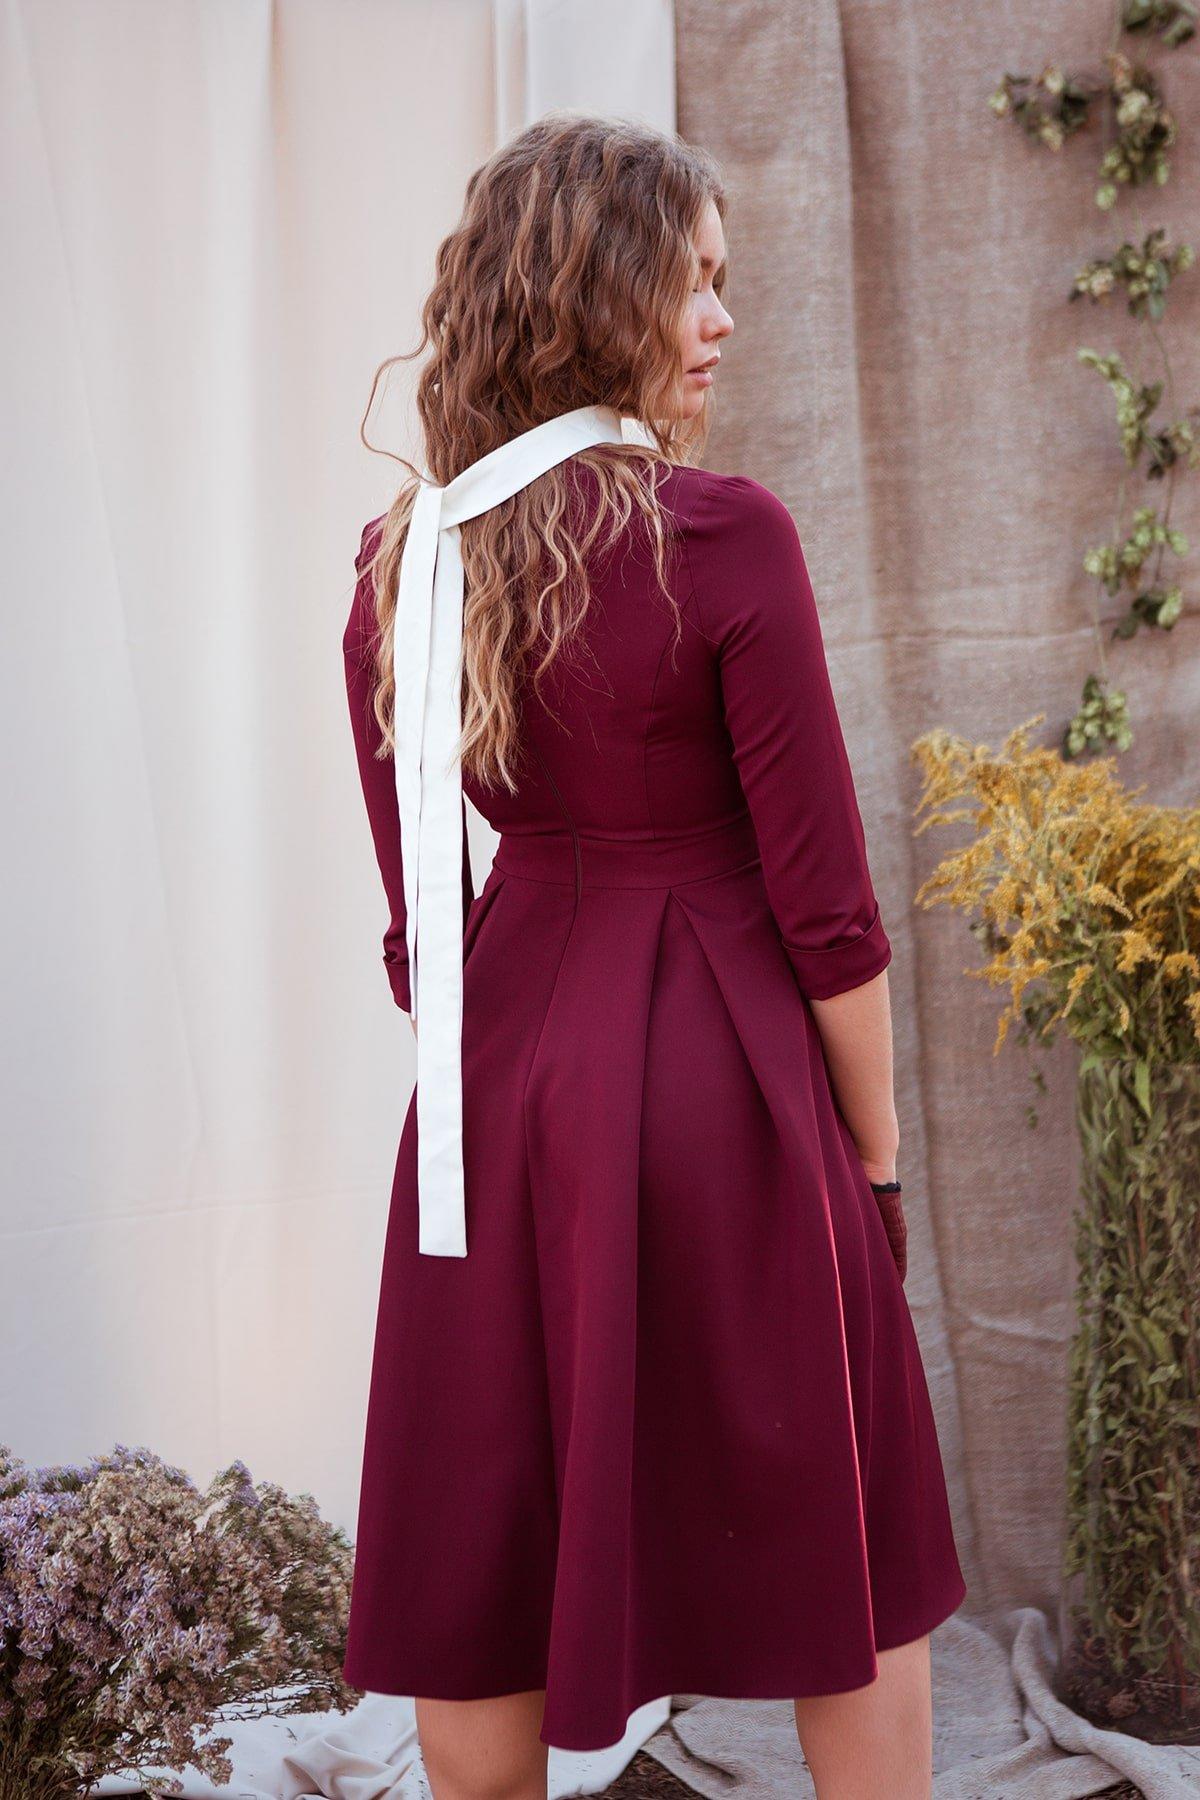 Платье с юбкой-солнце Аризона 7849 АРТ. 43843 Цвет: Винный - фото 8, интернет магазин tm-modus.ru